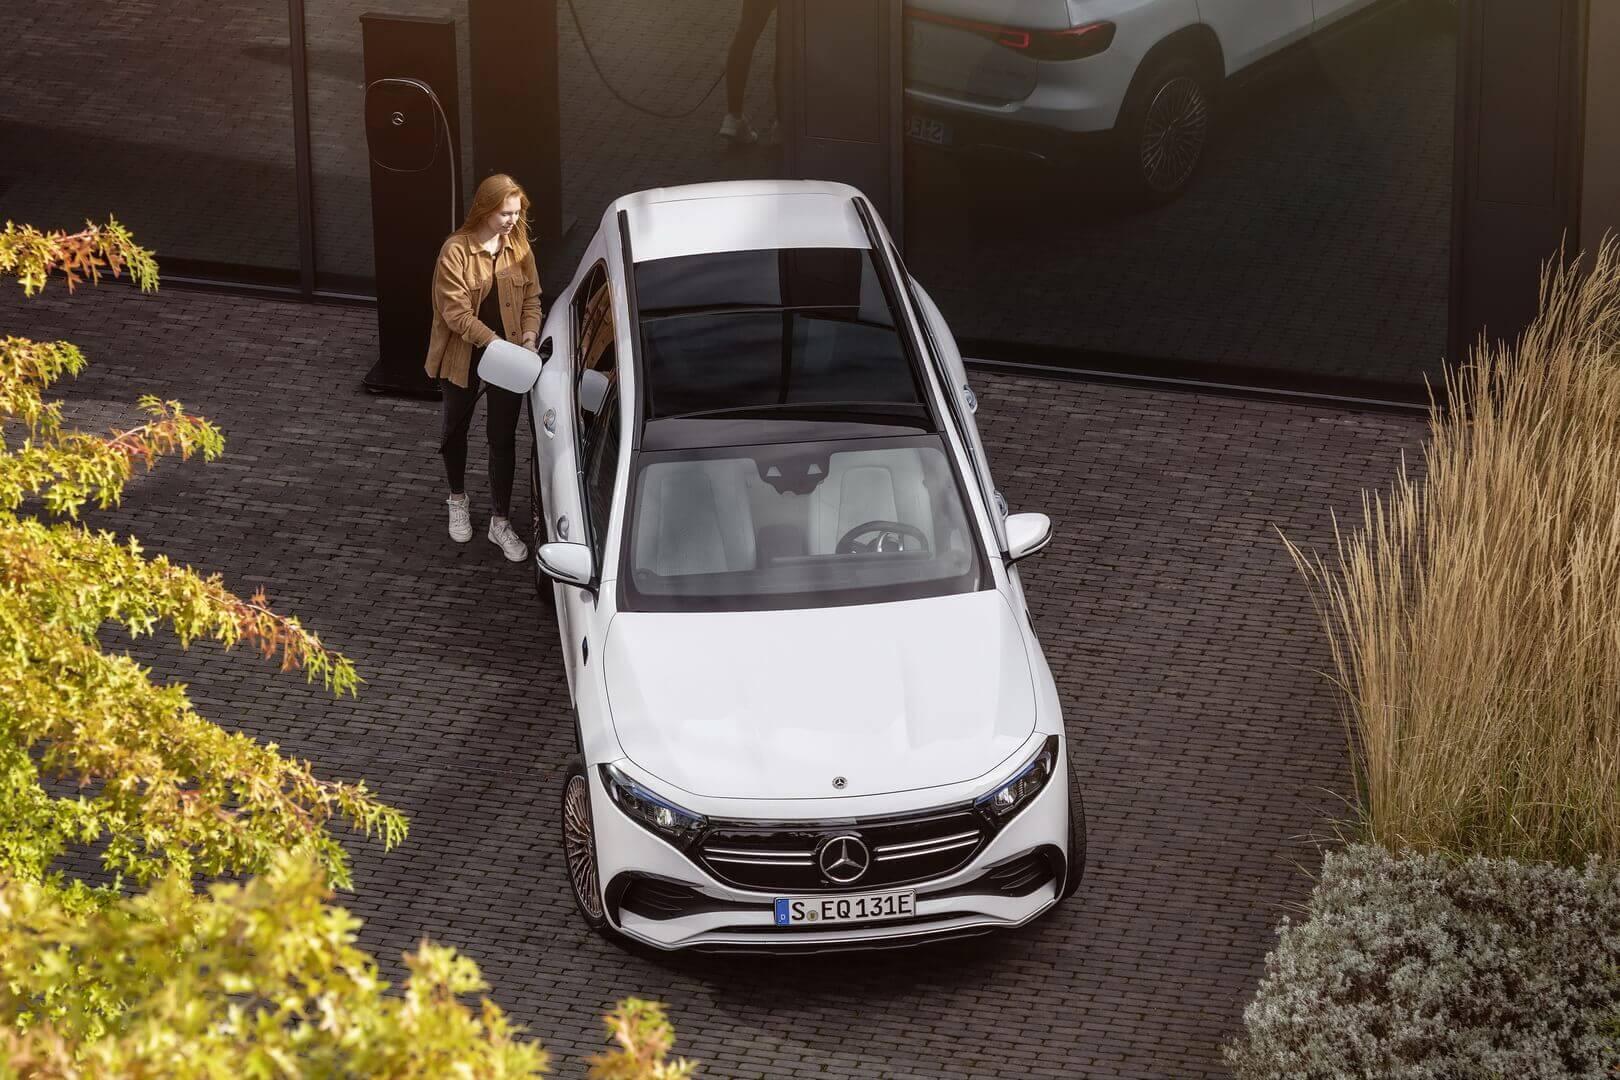 Mercedes-Benz представил трехрядный электрический внедорожник EQB в Европе